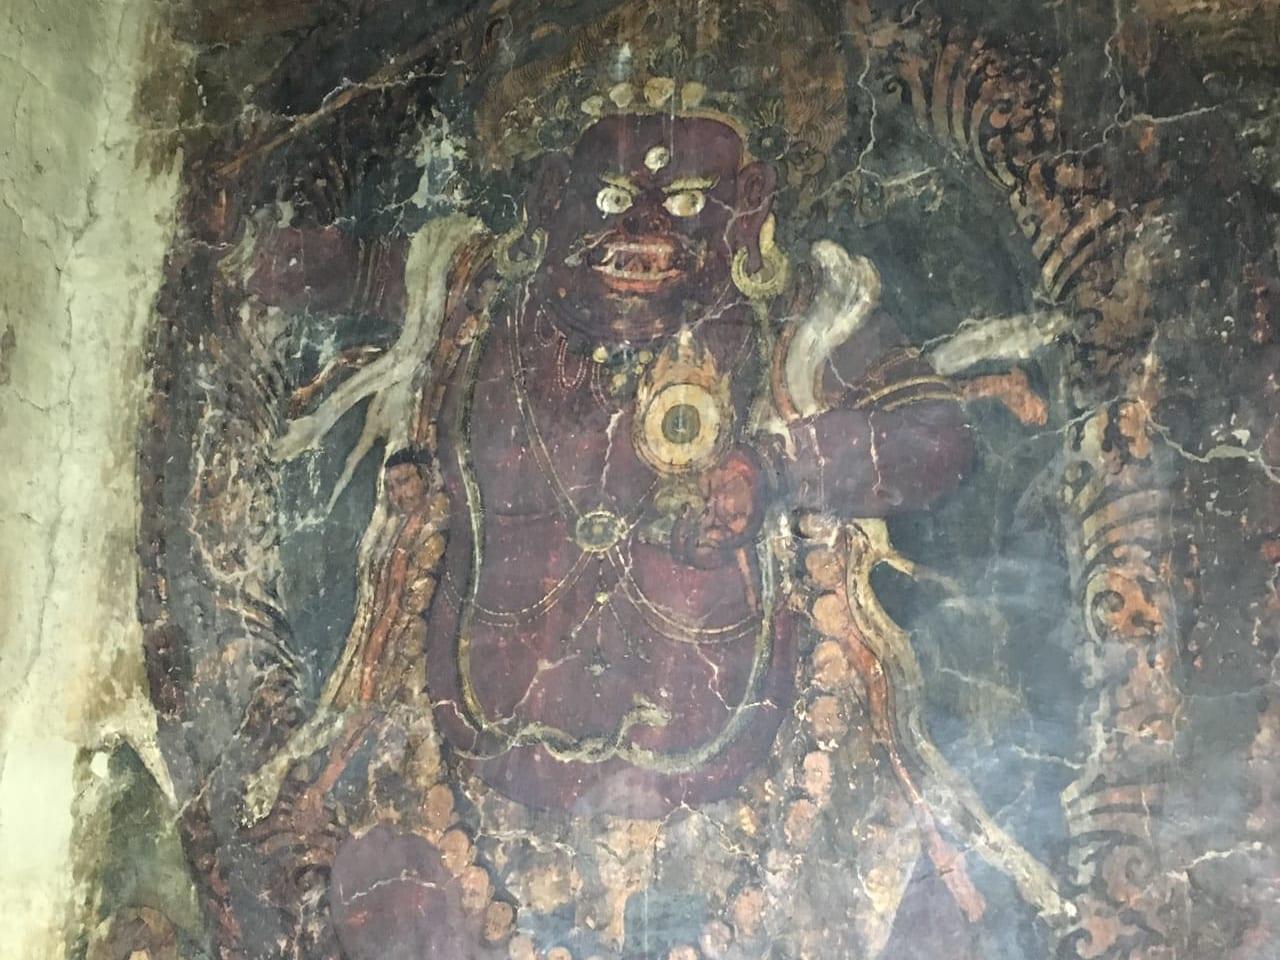 クングリ・ゴンパに残された古い壁画